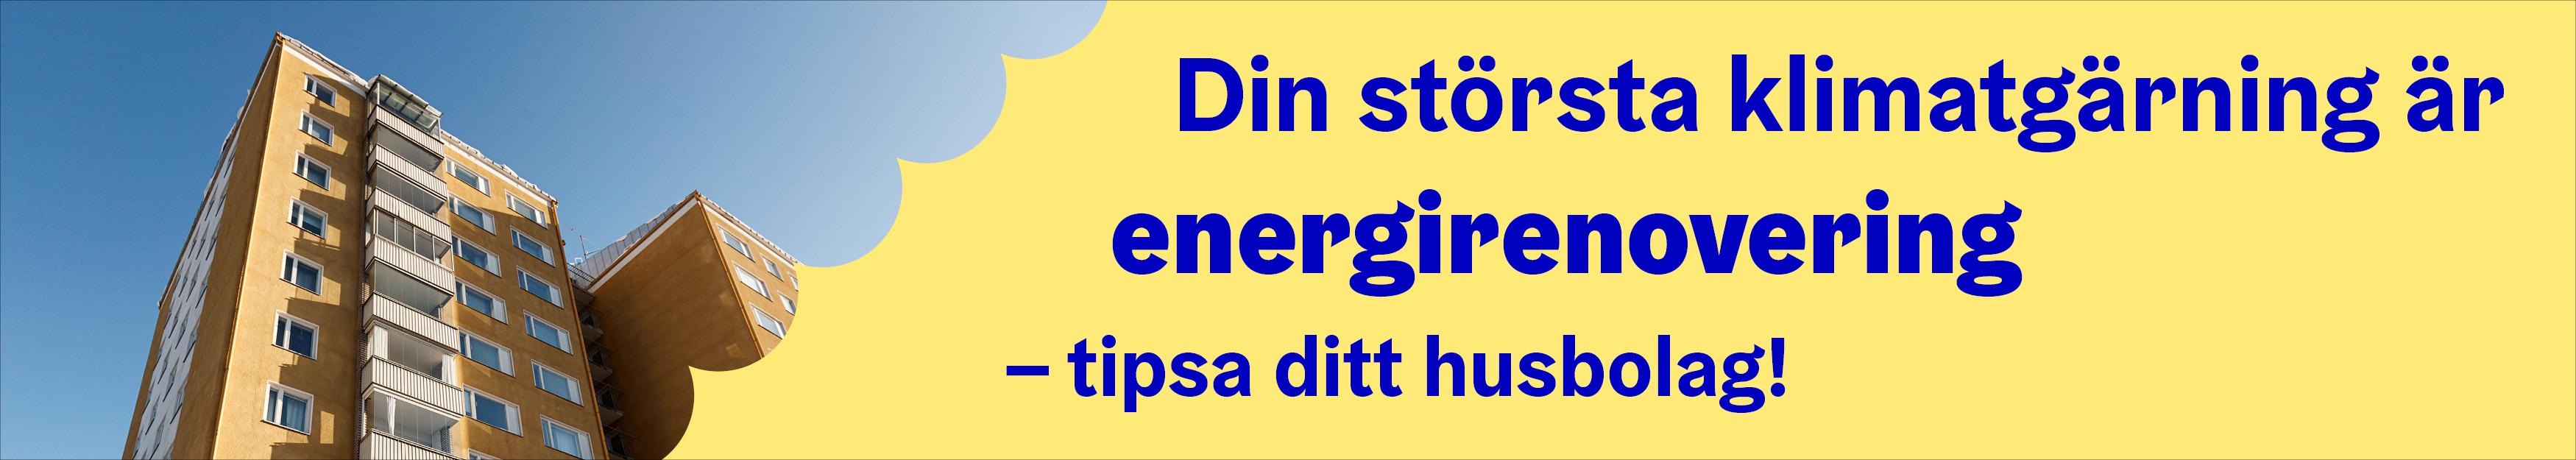 Din störstä klimatgärning är energirenovering. Tipsa ditt husbolag.